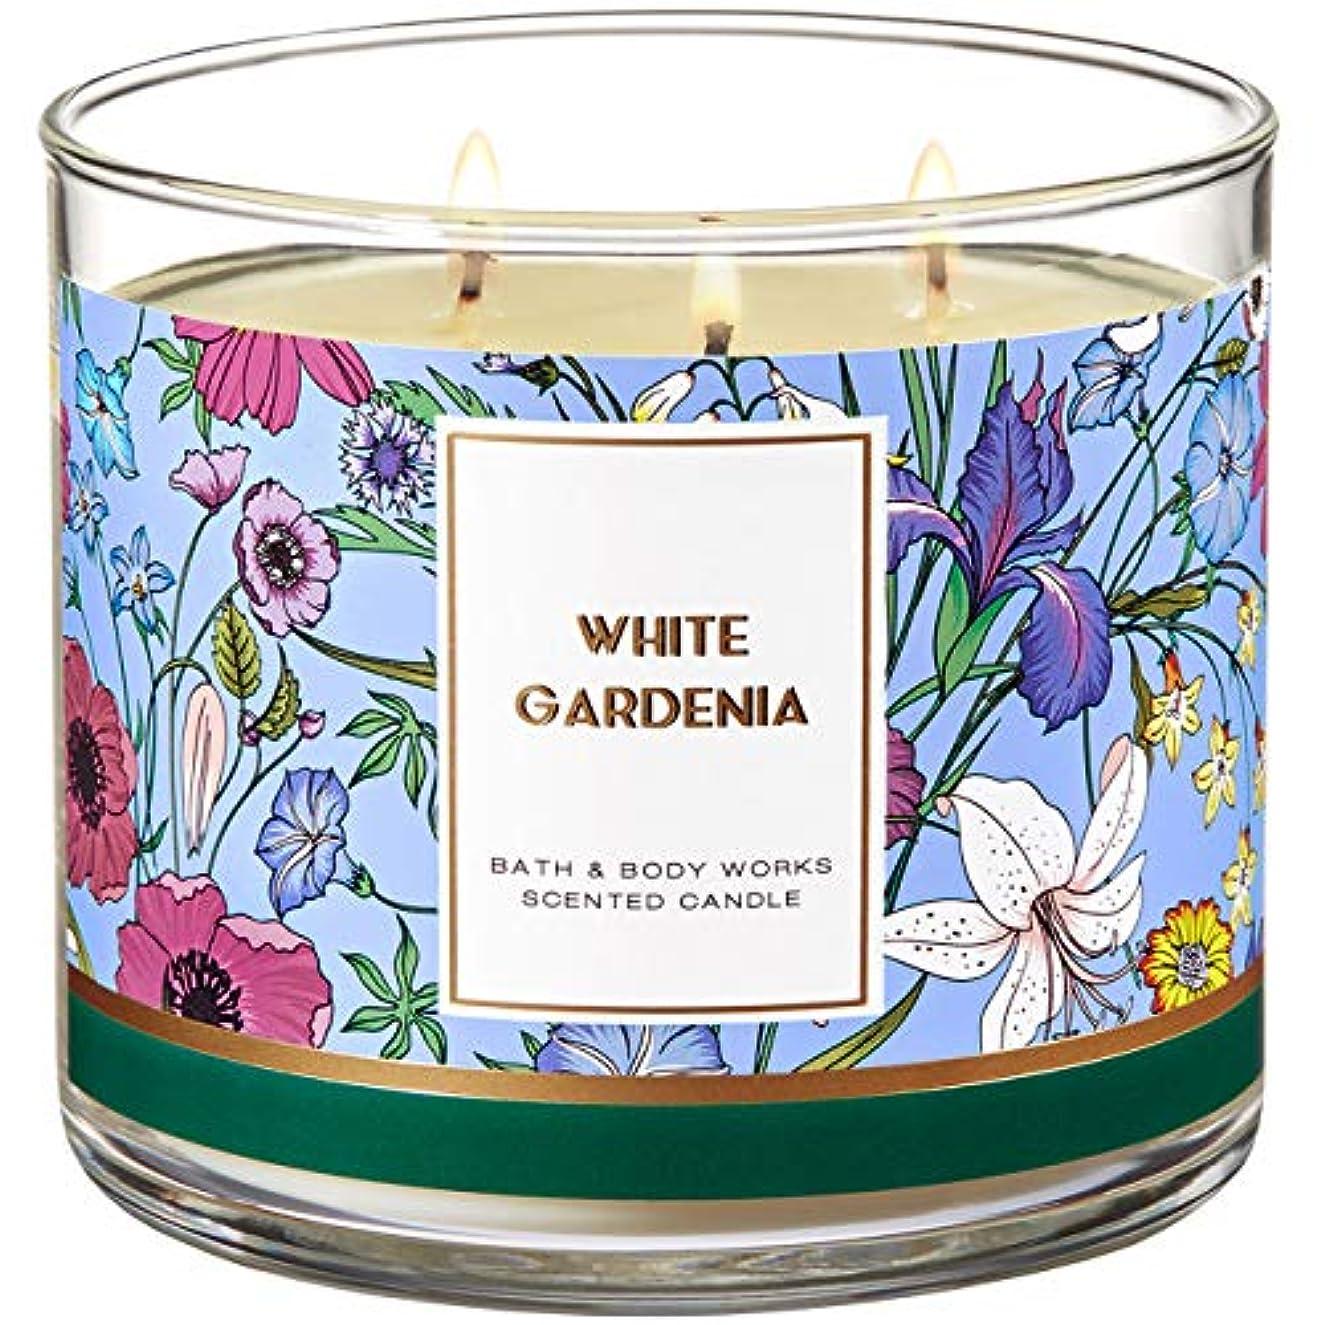 繊毛傀儡笑Bath and Body Works 3 Wick Scented Candle White Gardenia 430ml